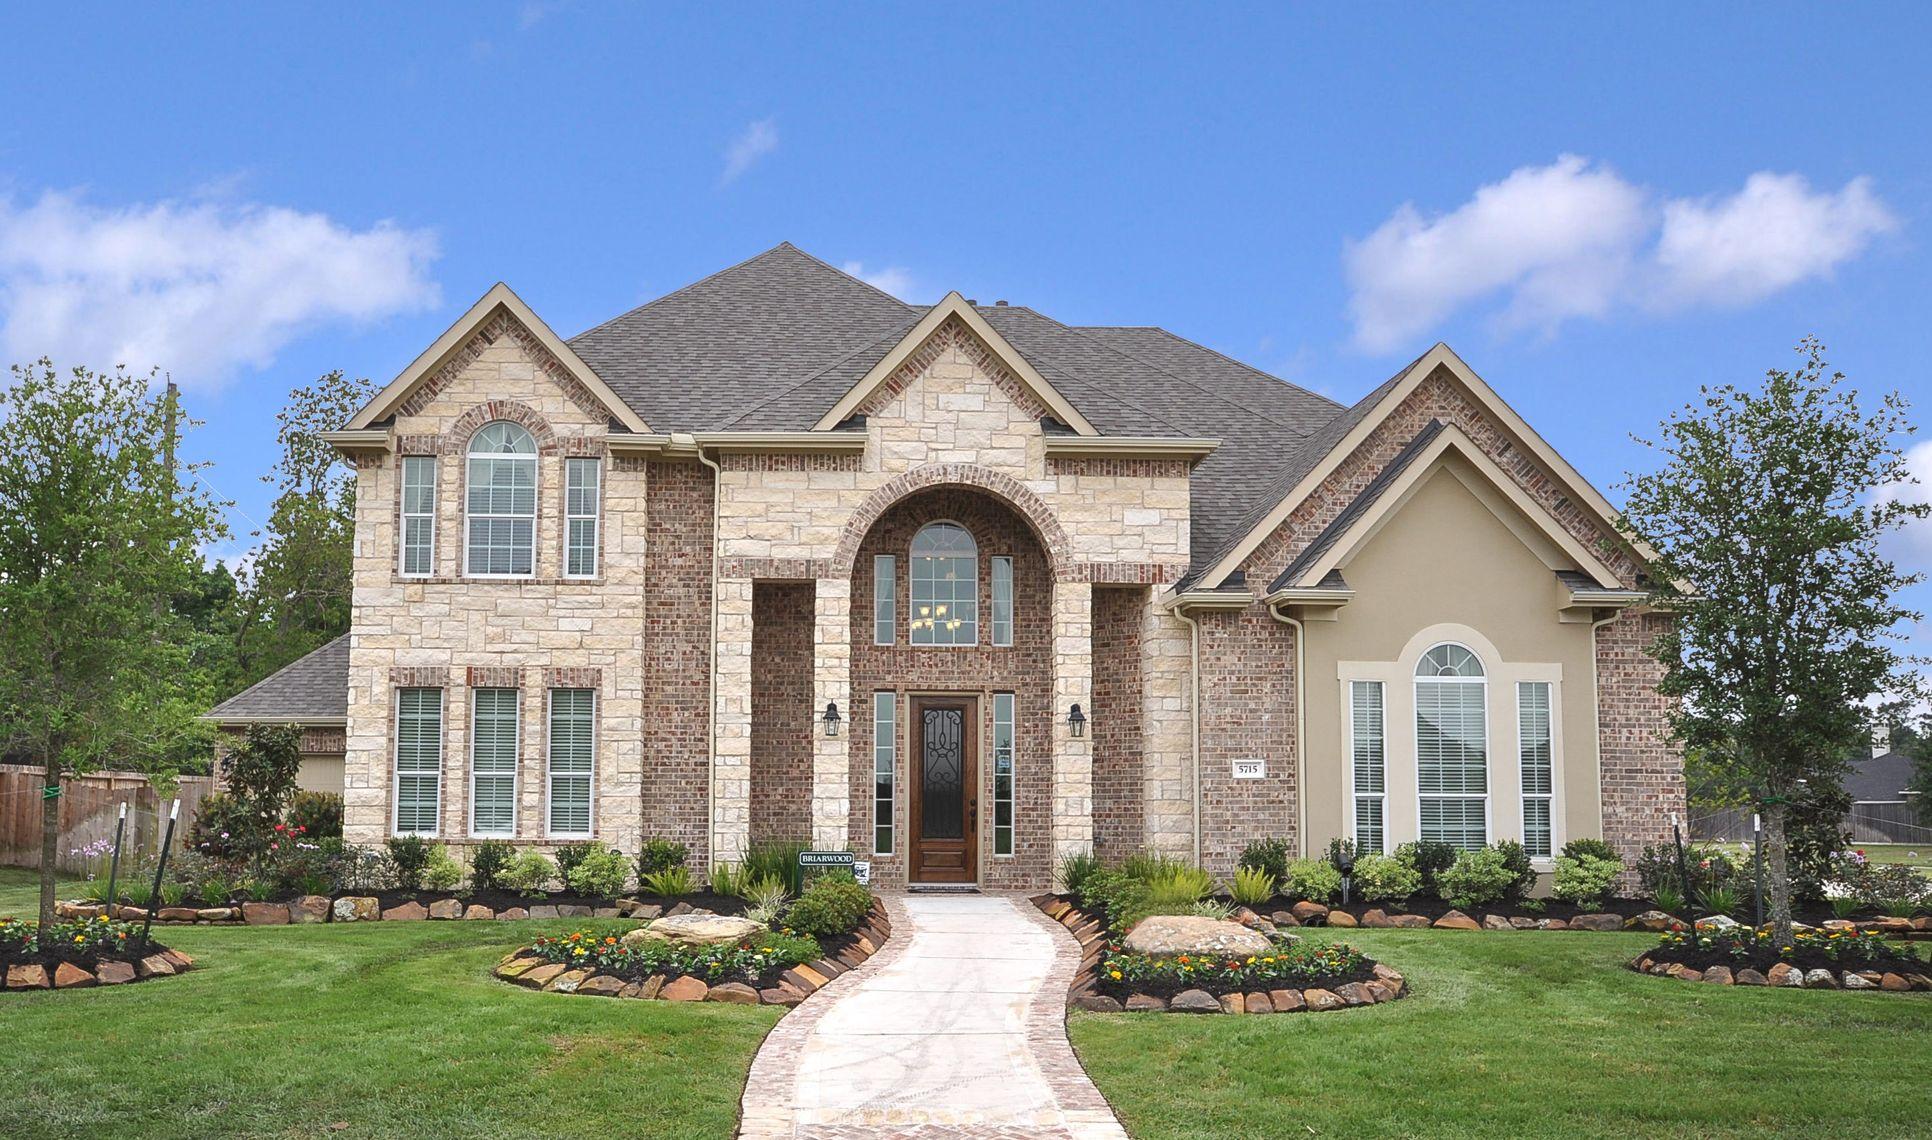 Amanda Glen at Ashley Pointe in Houston, TX :: New Homes ...